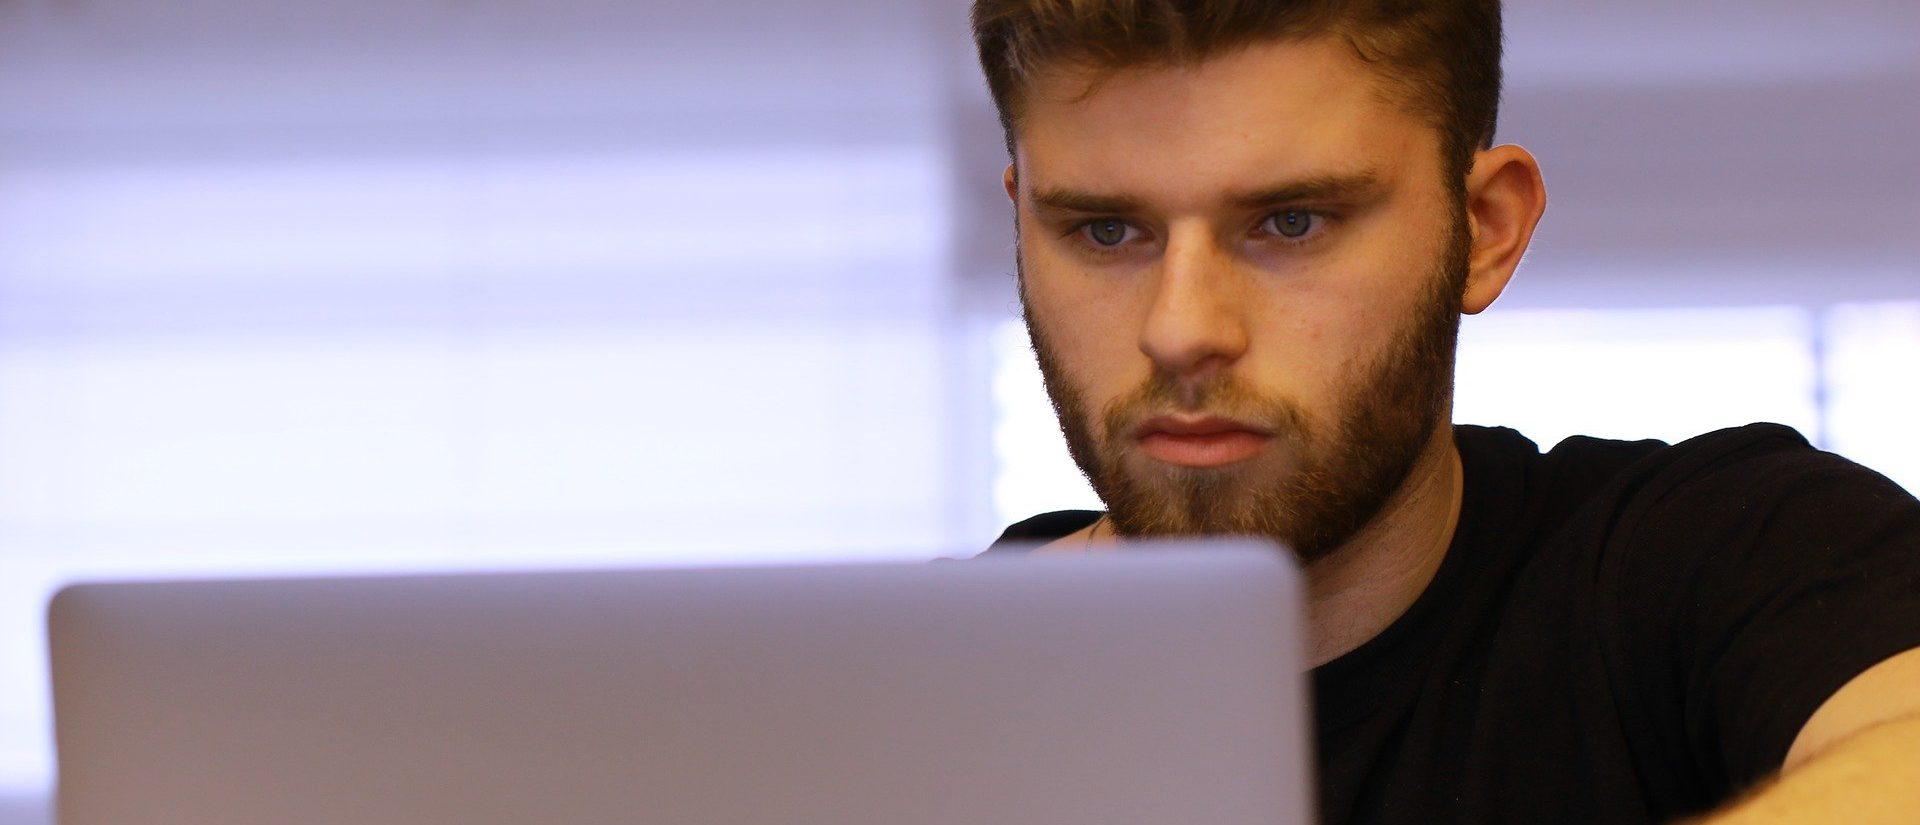 Student schaut auf seinen Laptop